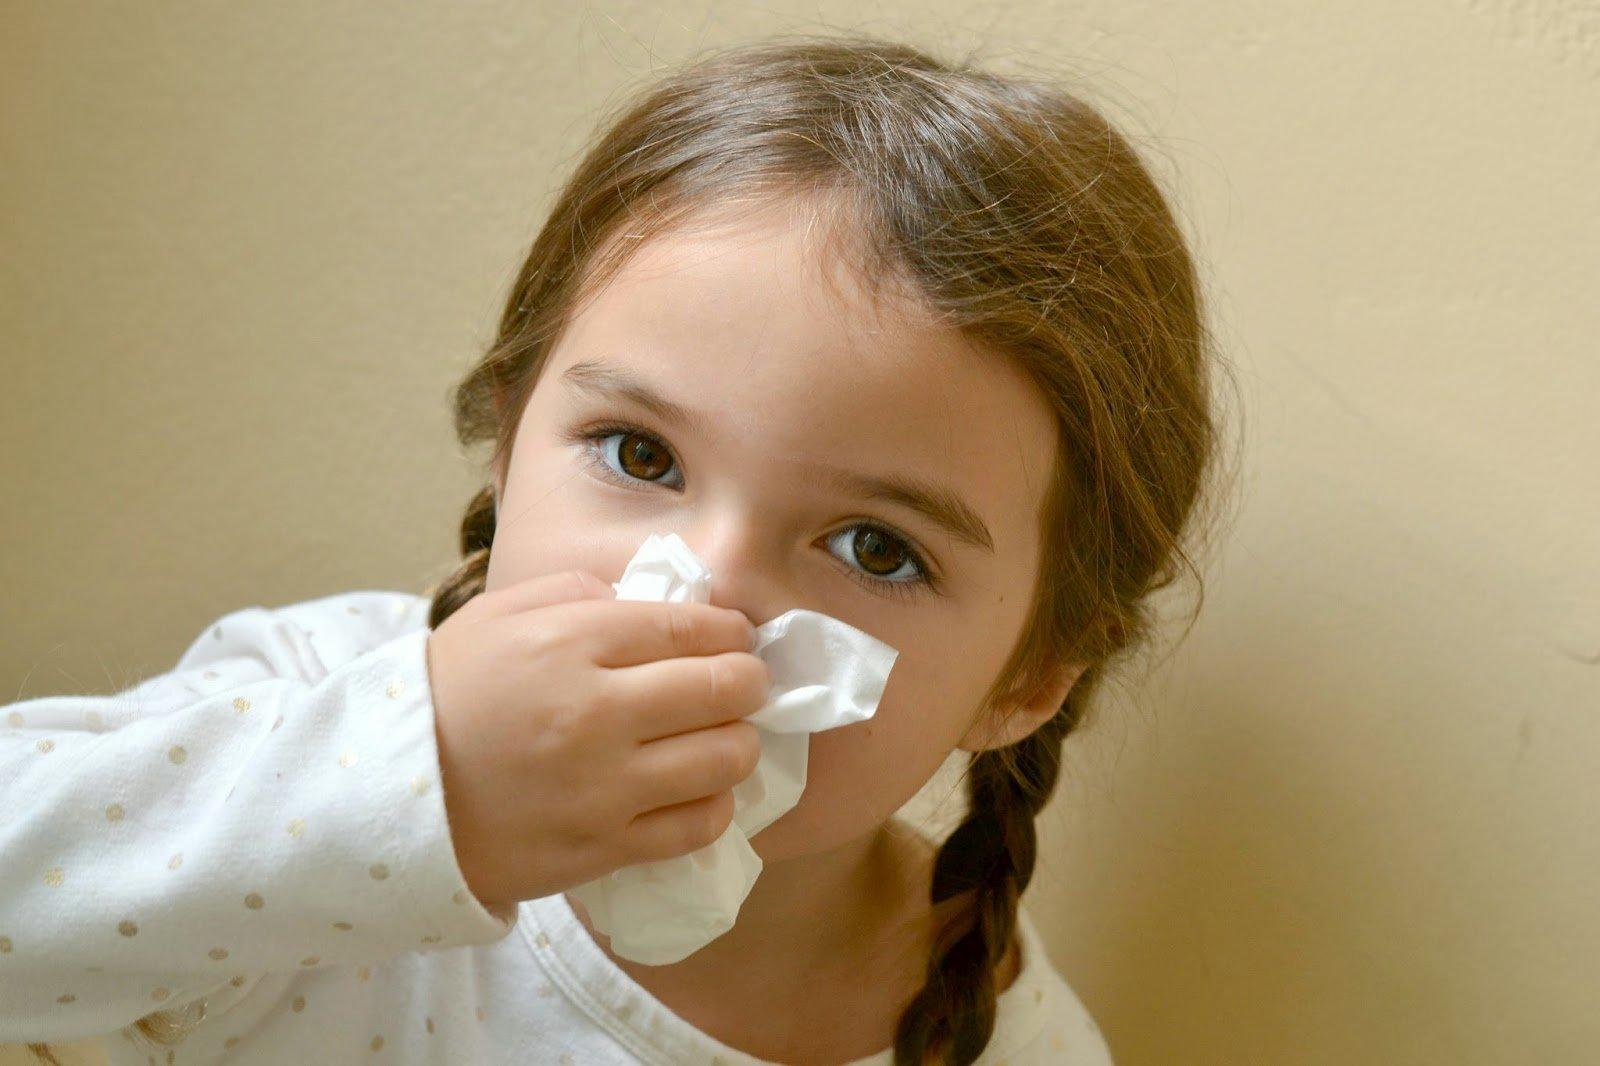 Симптомы и диагностика гайморита у детей разного возраста